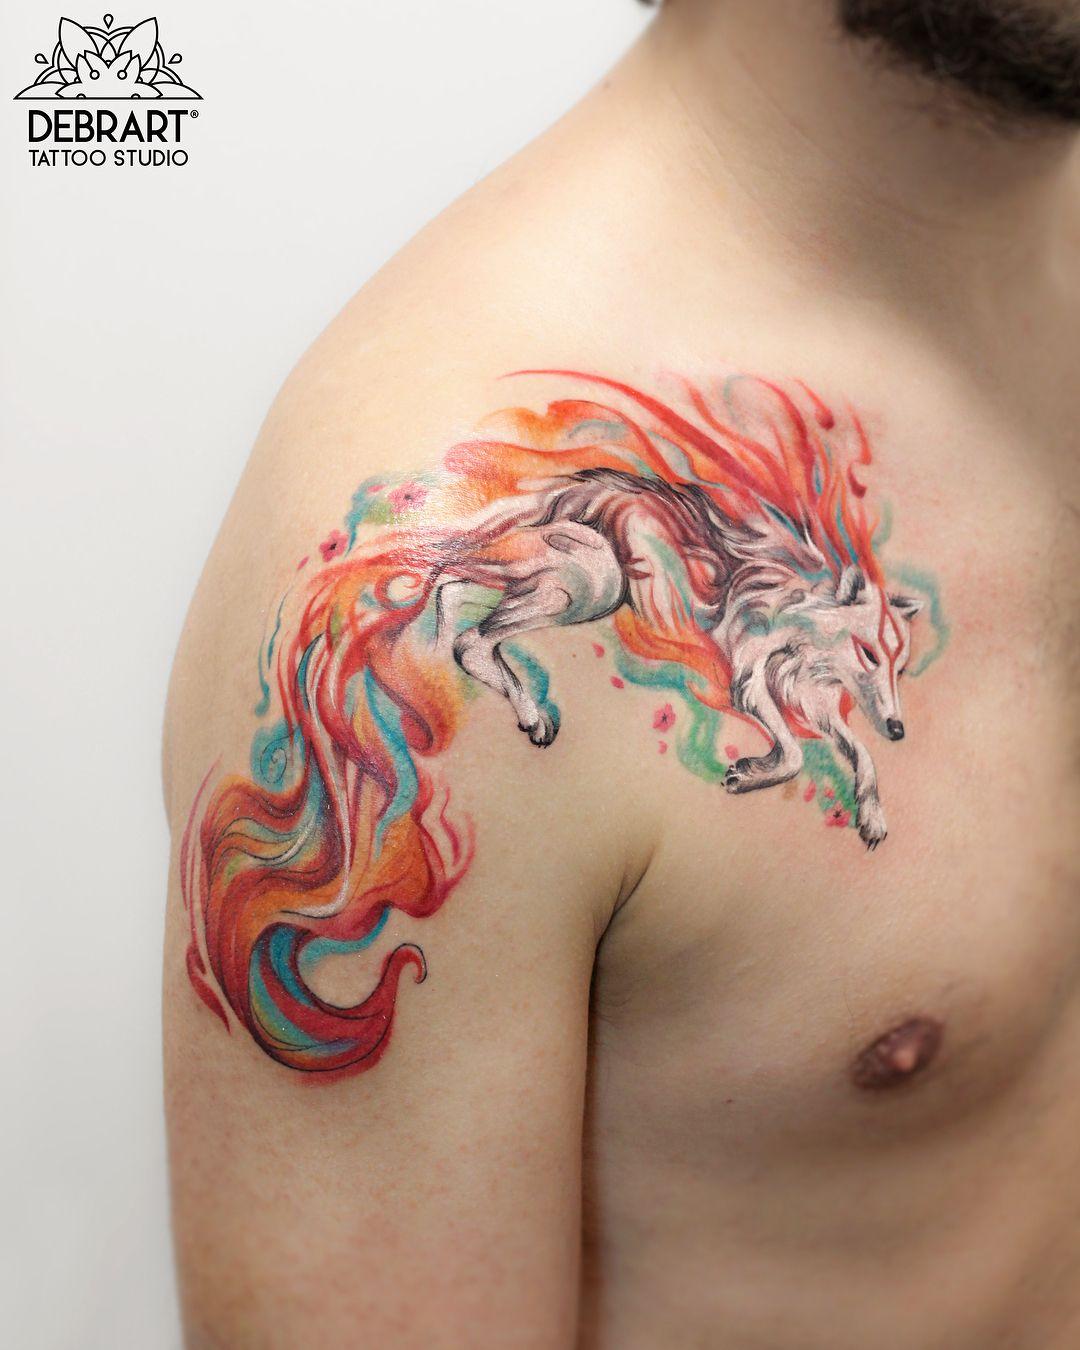 Deborah Genchi Tattoo Artist Debrartist Halfrealhalfdrawn